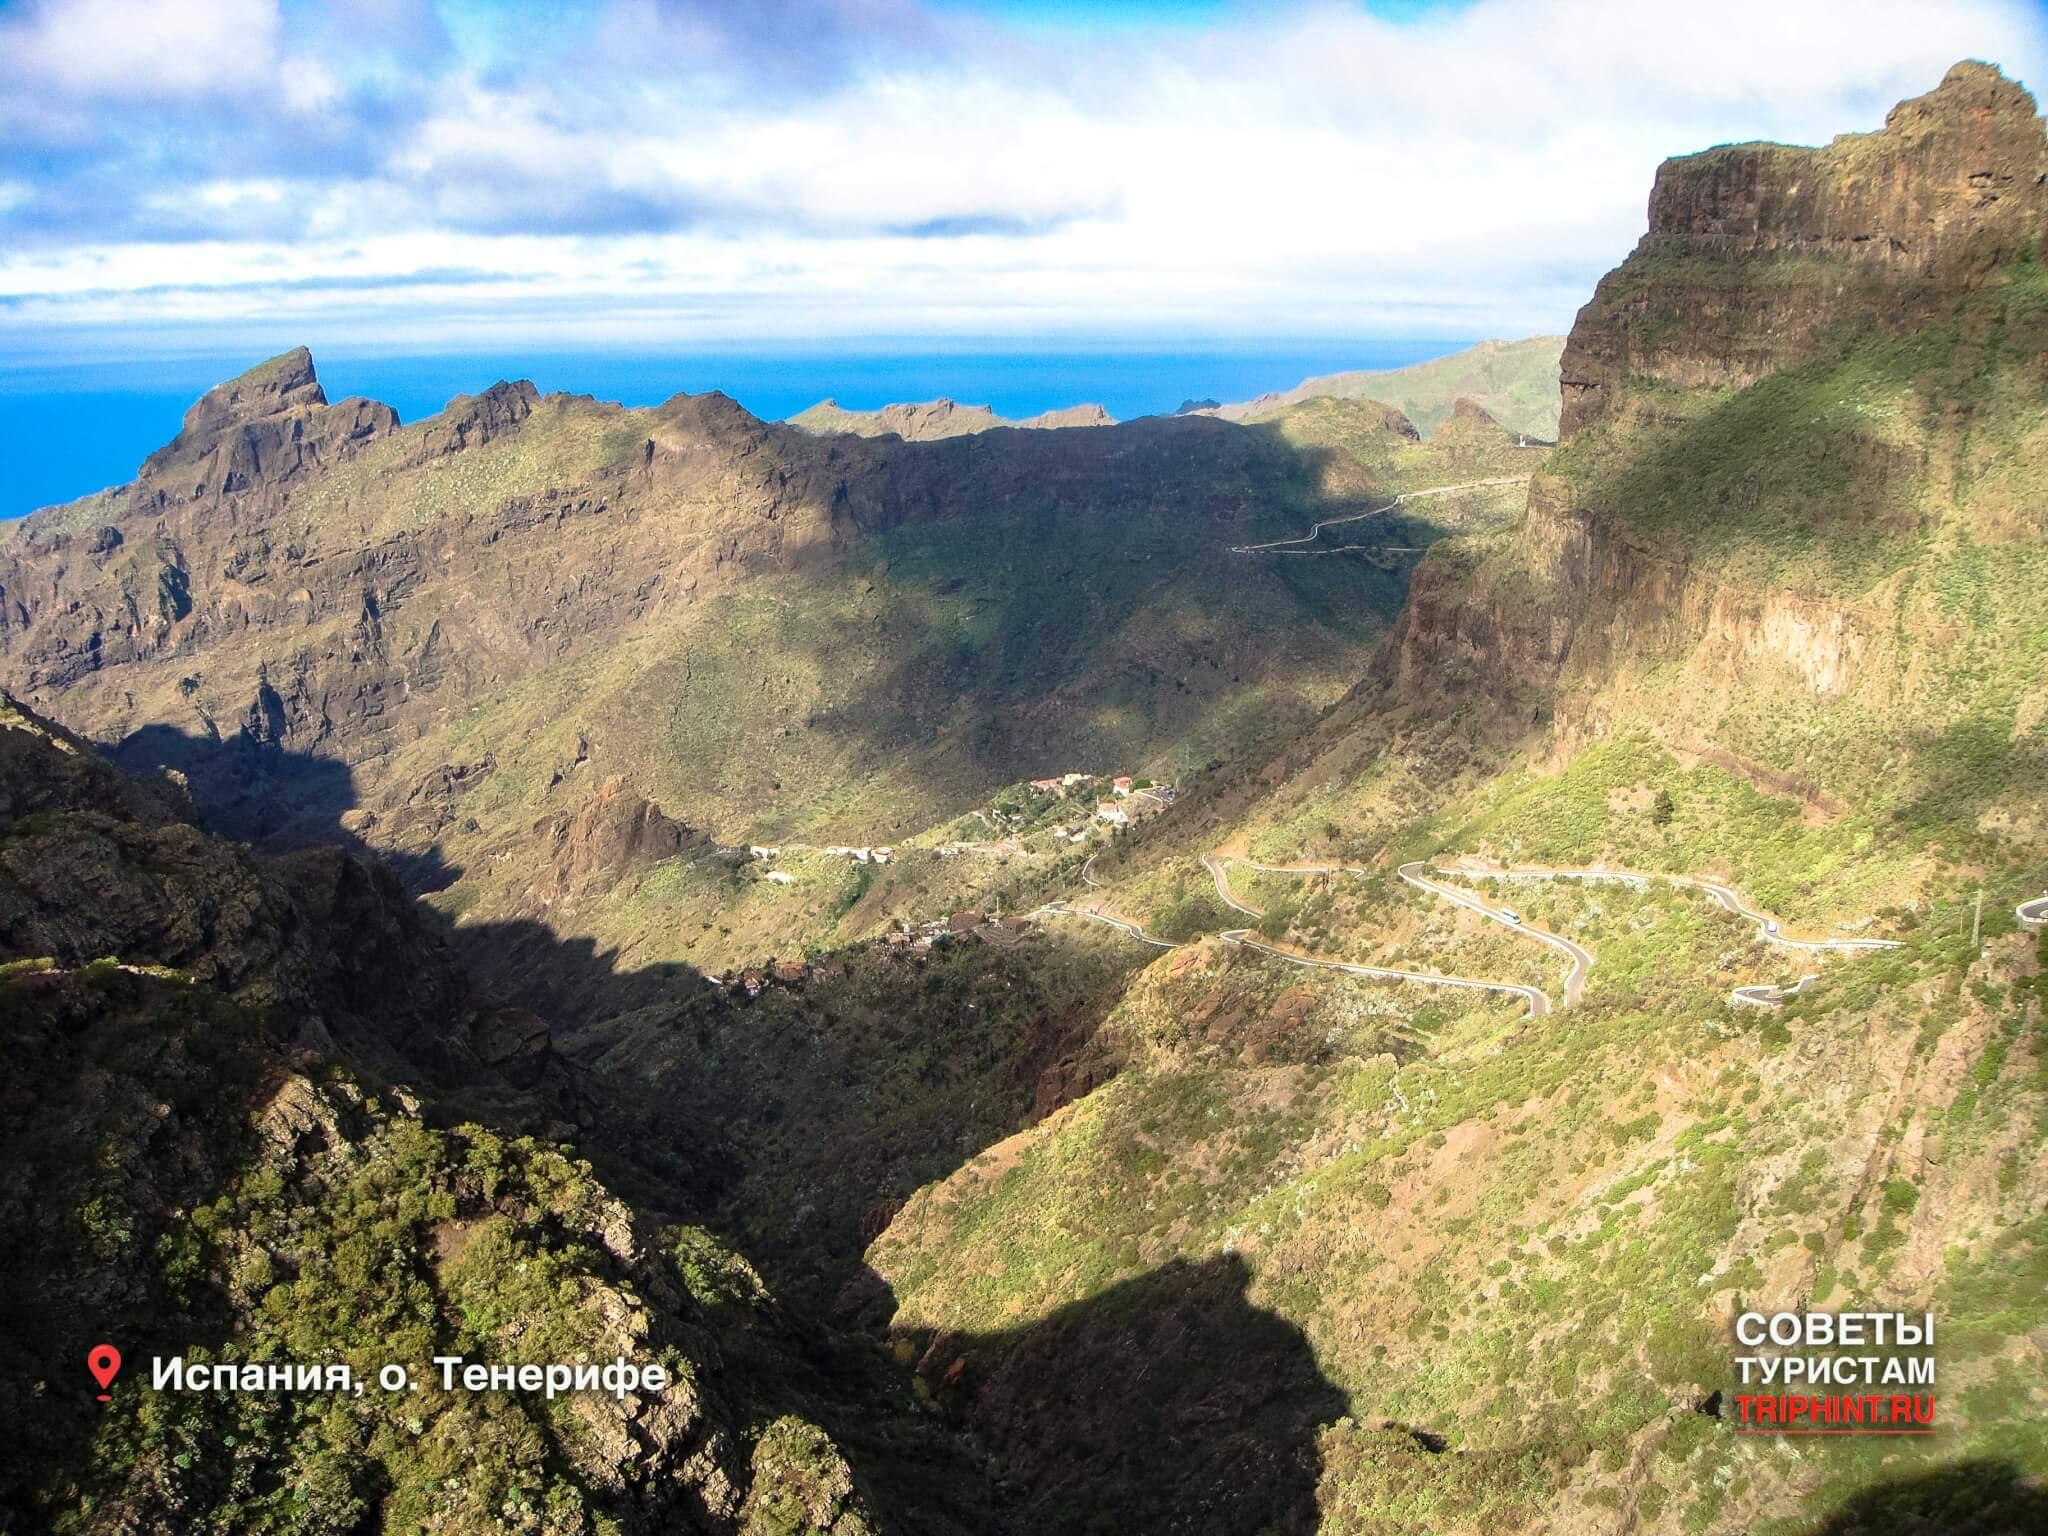 Где отдохнуть в октябре? Отдых в Испании, Канарские острова, Тенерифе.